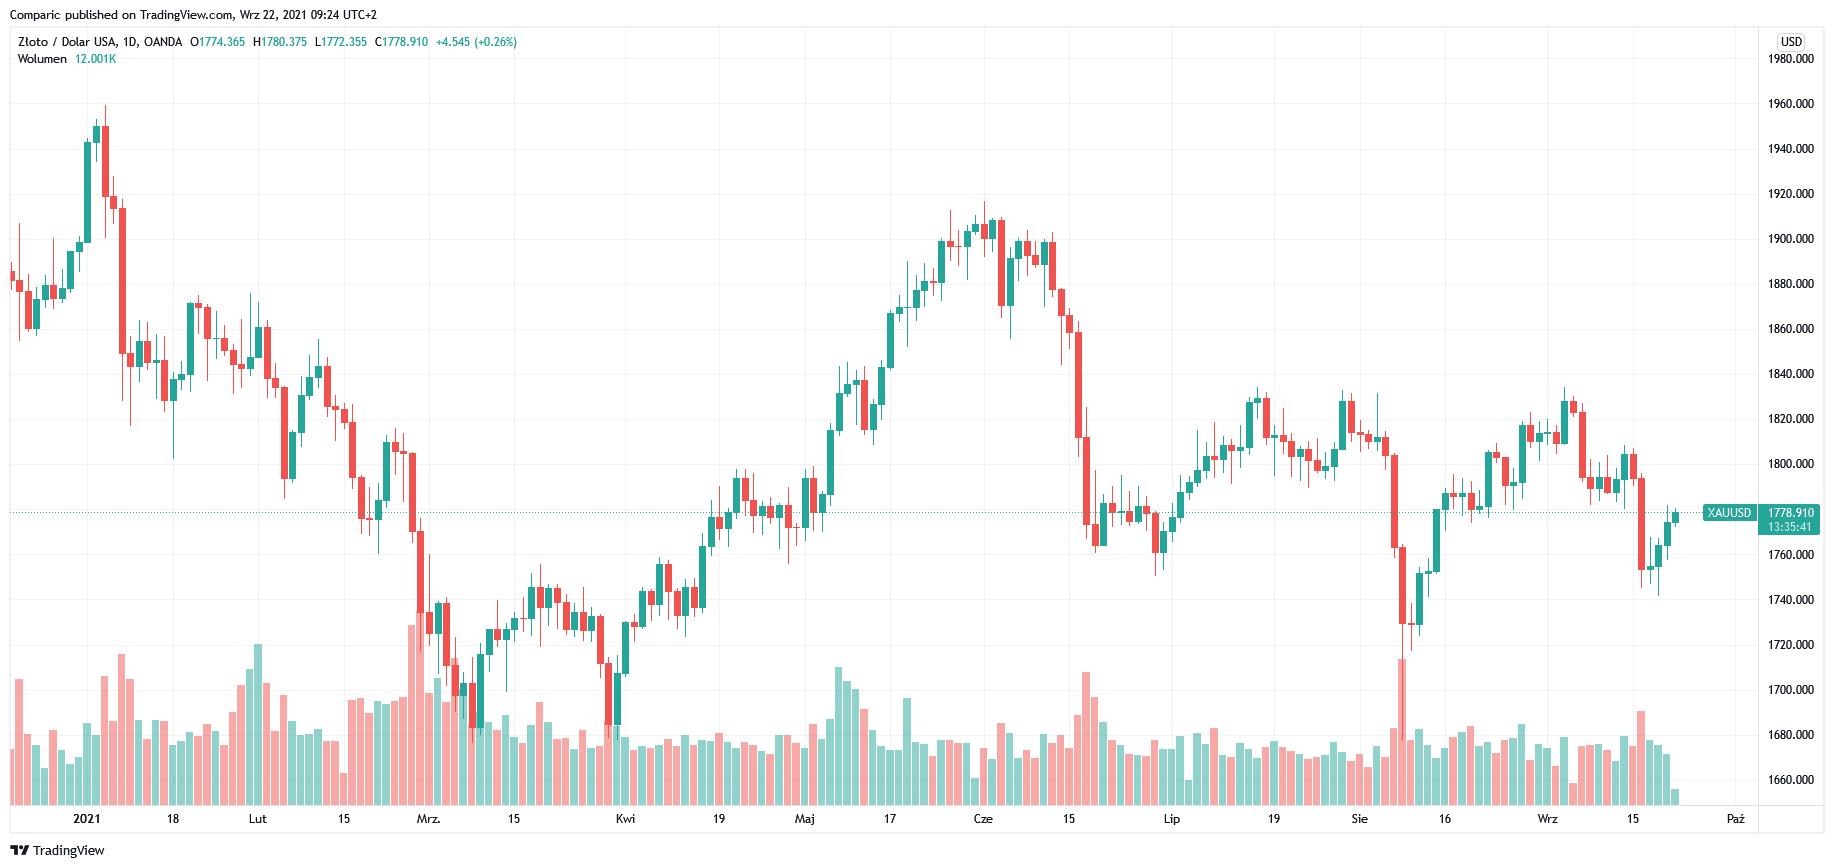 Cena złota wzrasta czwartą sesję z rzędu. Decyzja Fed już w środę wieczorem